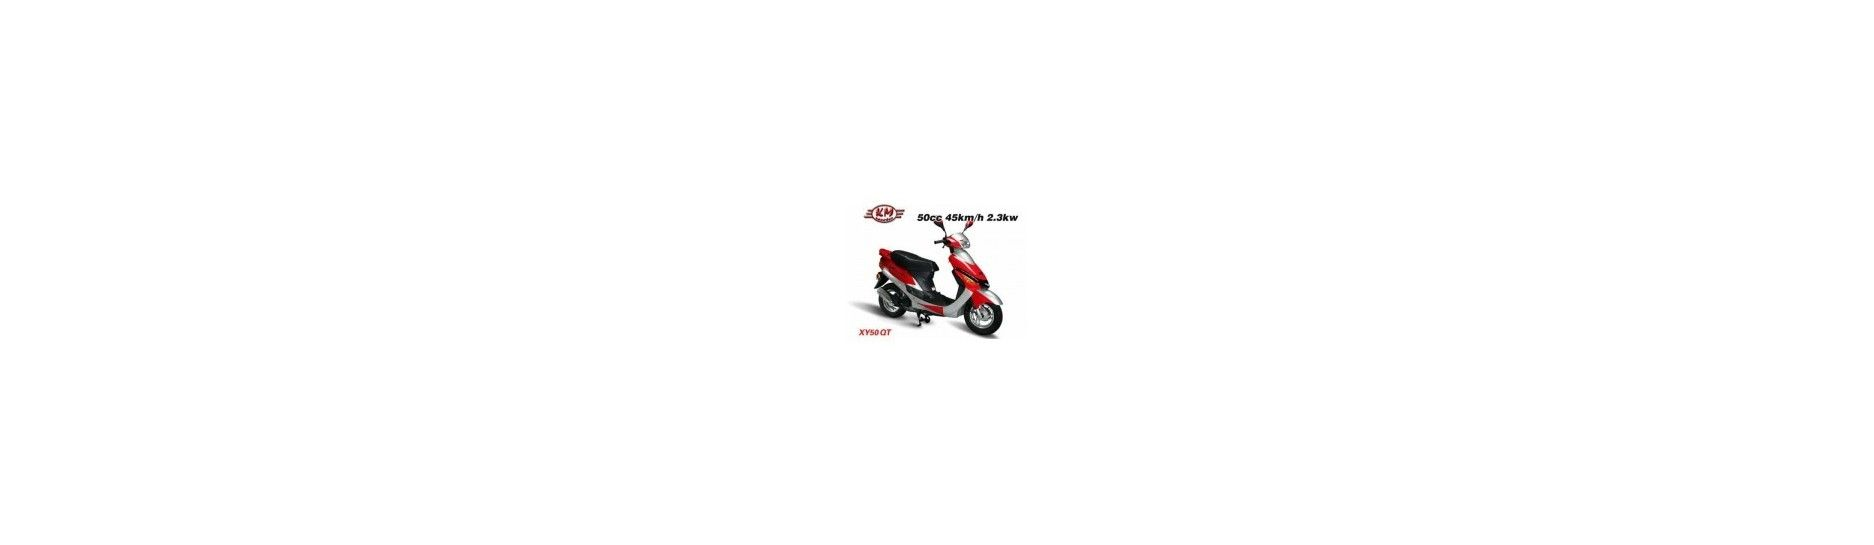 Skútr do 50 ccm pro mladší motocyklisty a začátečníky.